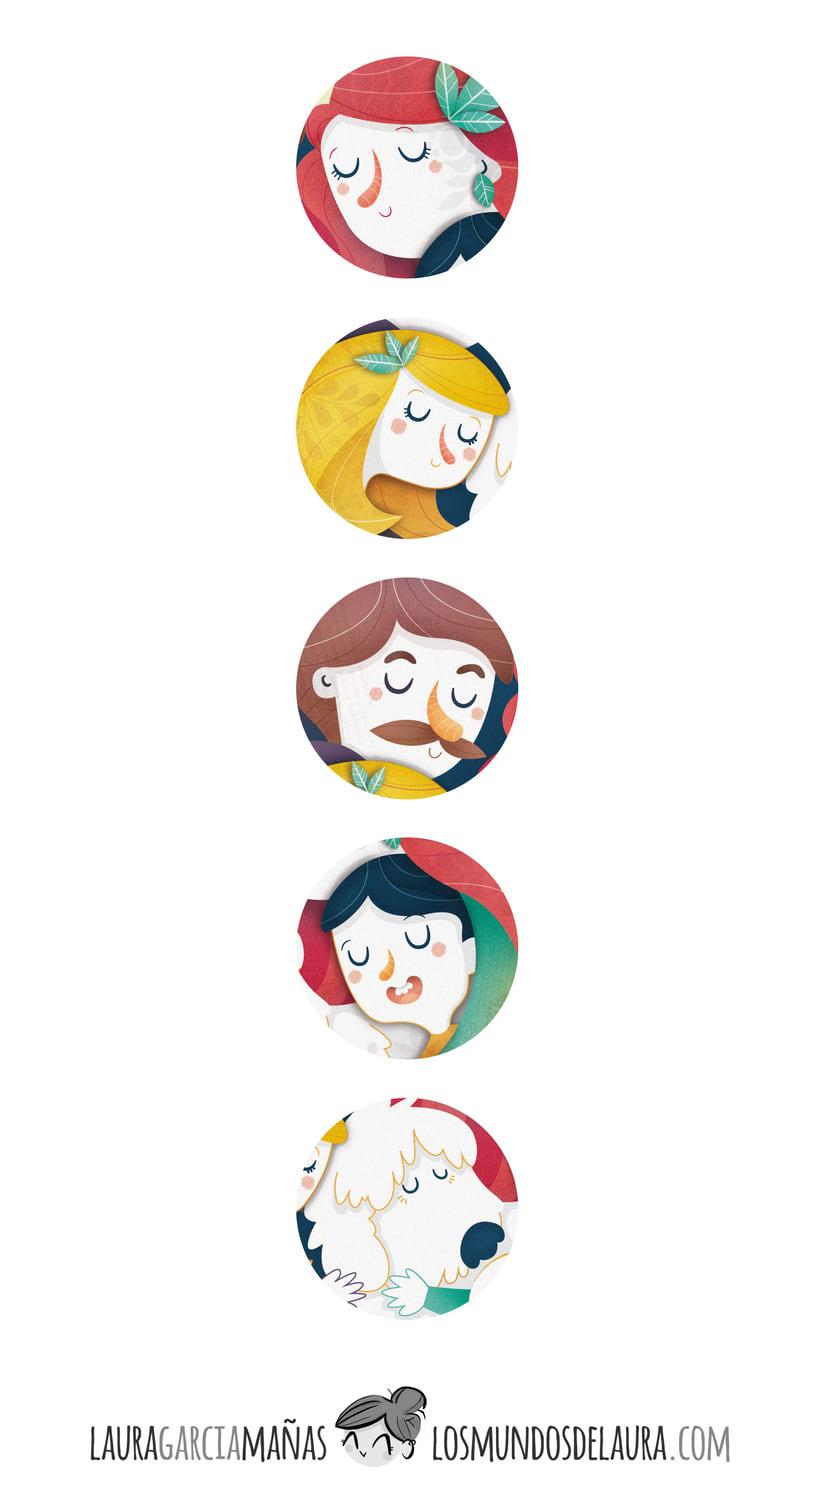 El Convivenciario. Cuentos con valor. Ilustración infantil 3